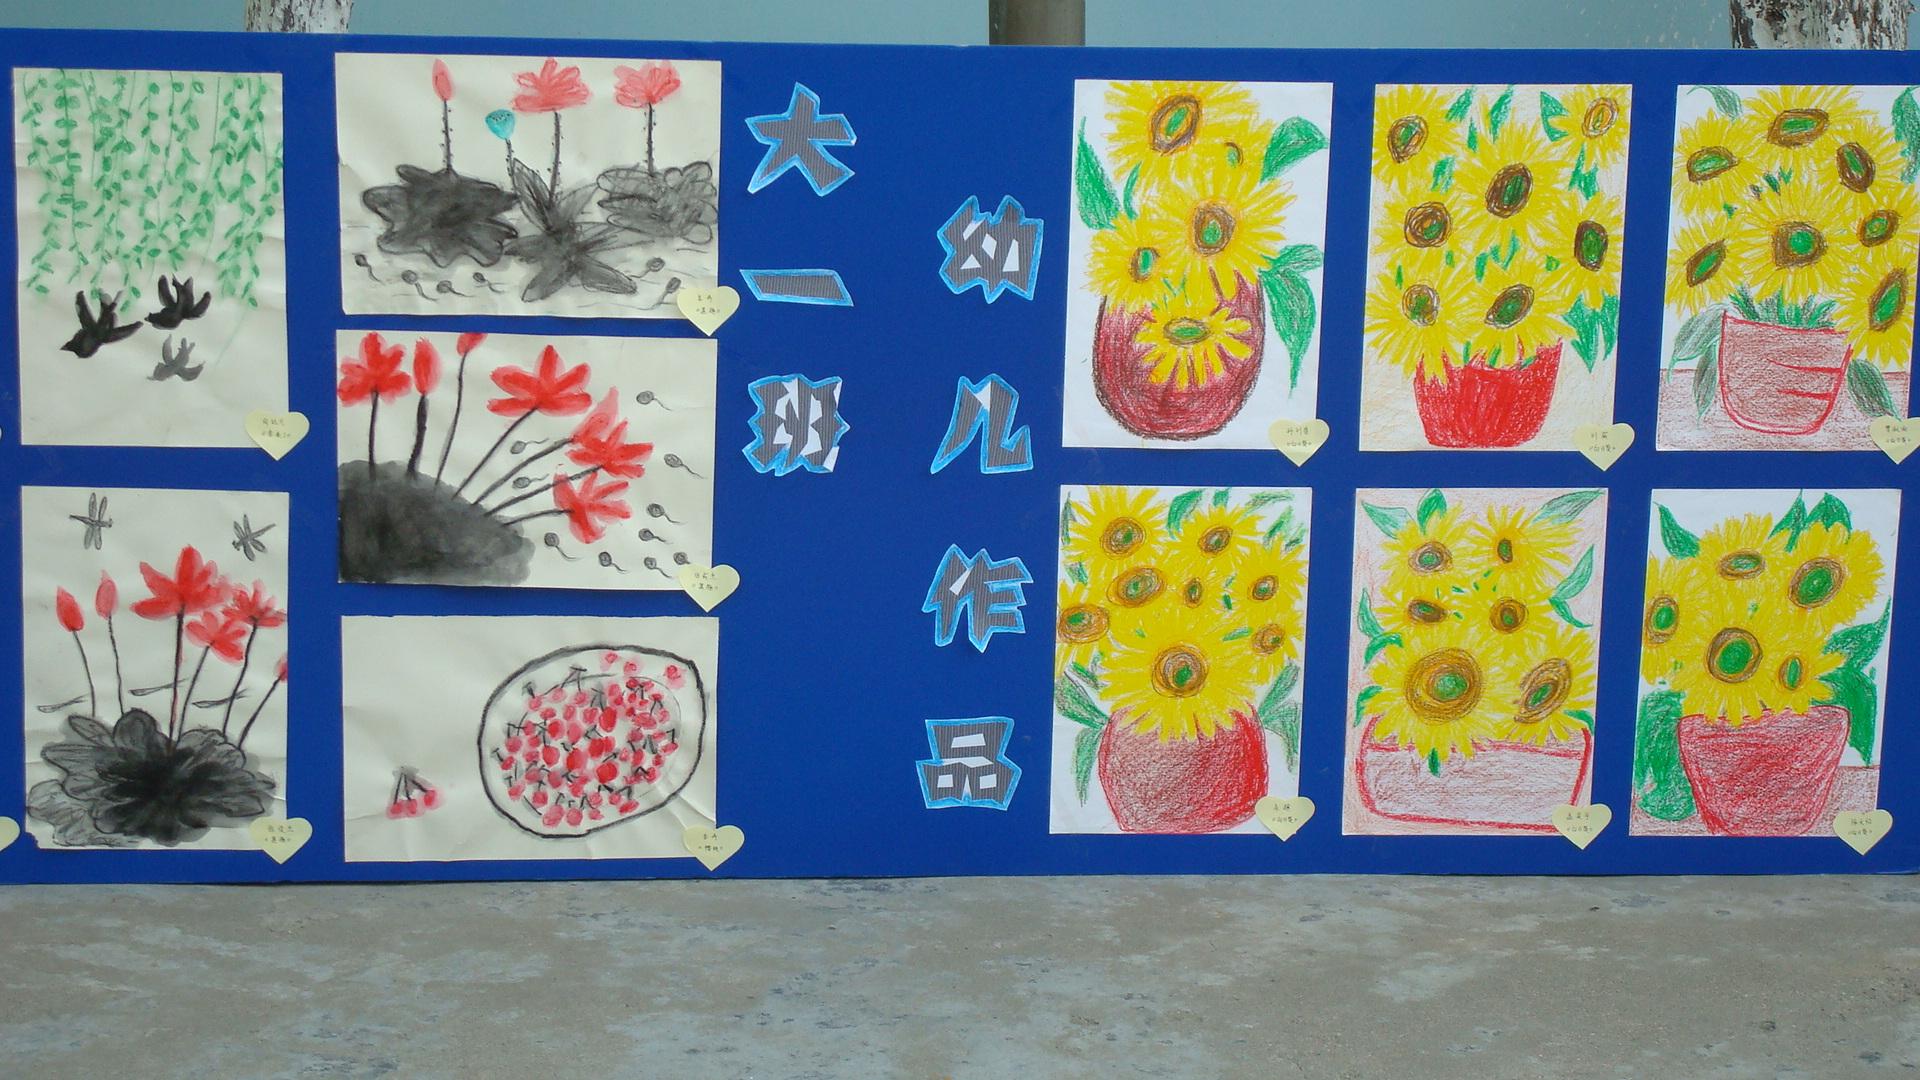 香花桥幼儿园教学节系列活动之三——幼儿画展